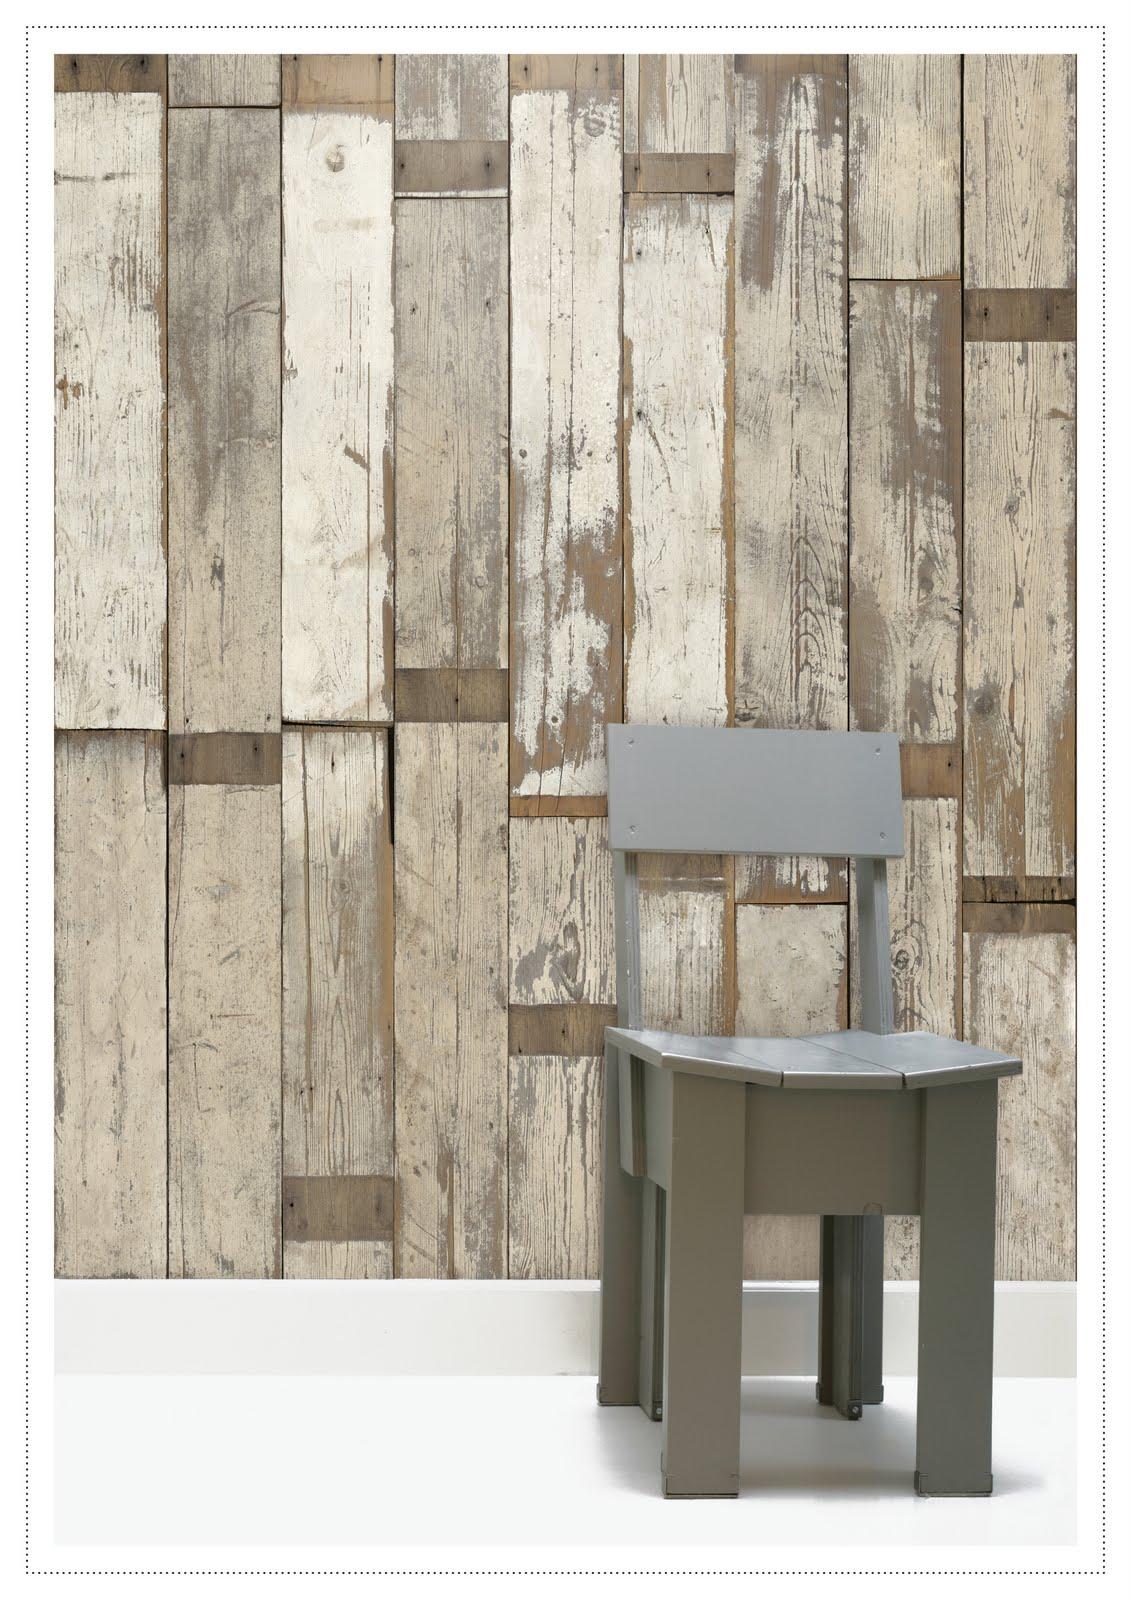 Scrapwood wallpaper by Piet Hein Eek - typicaldaytoday